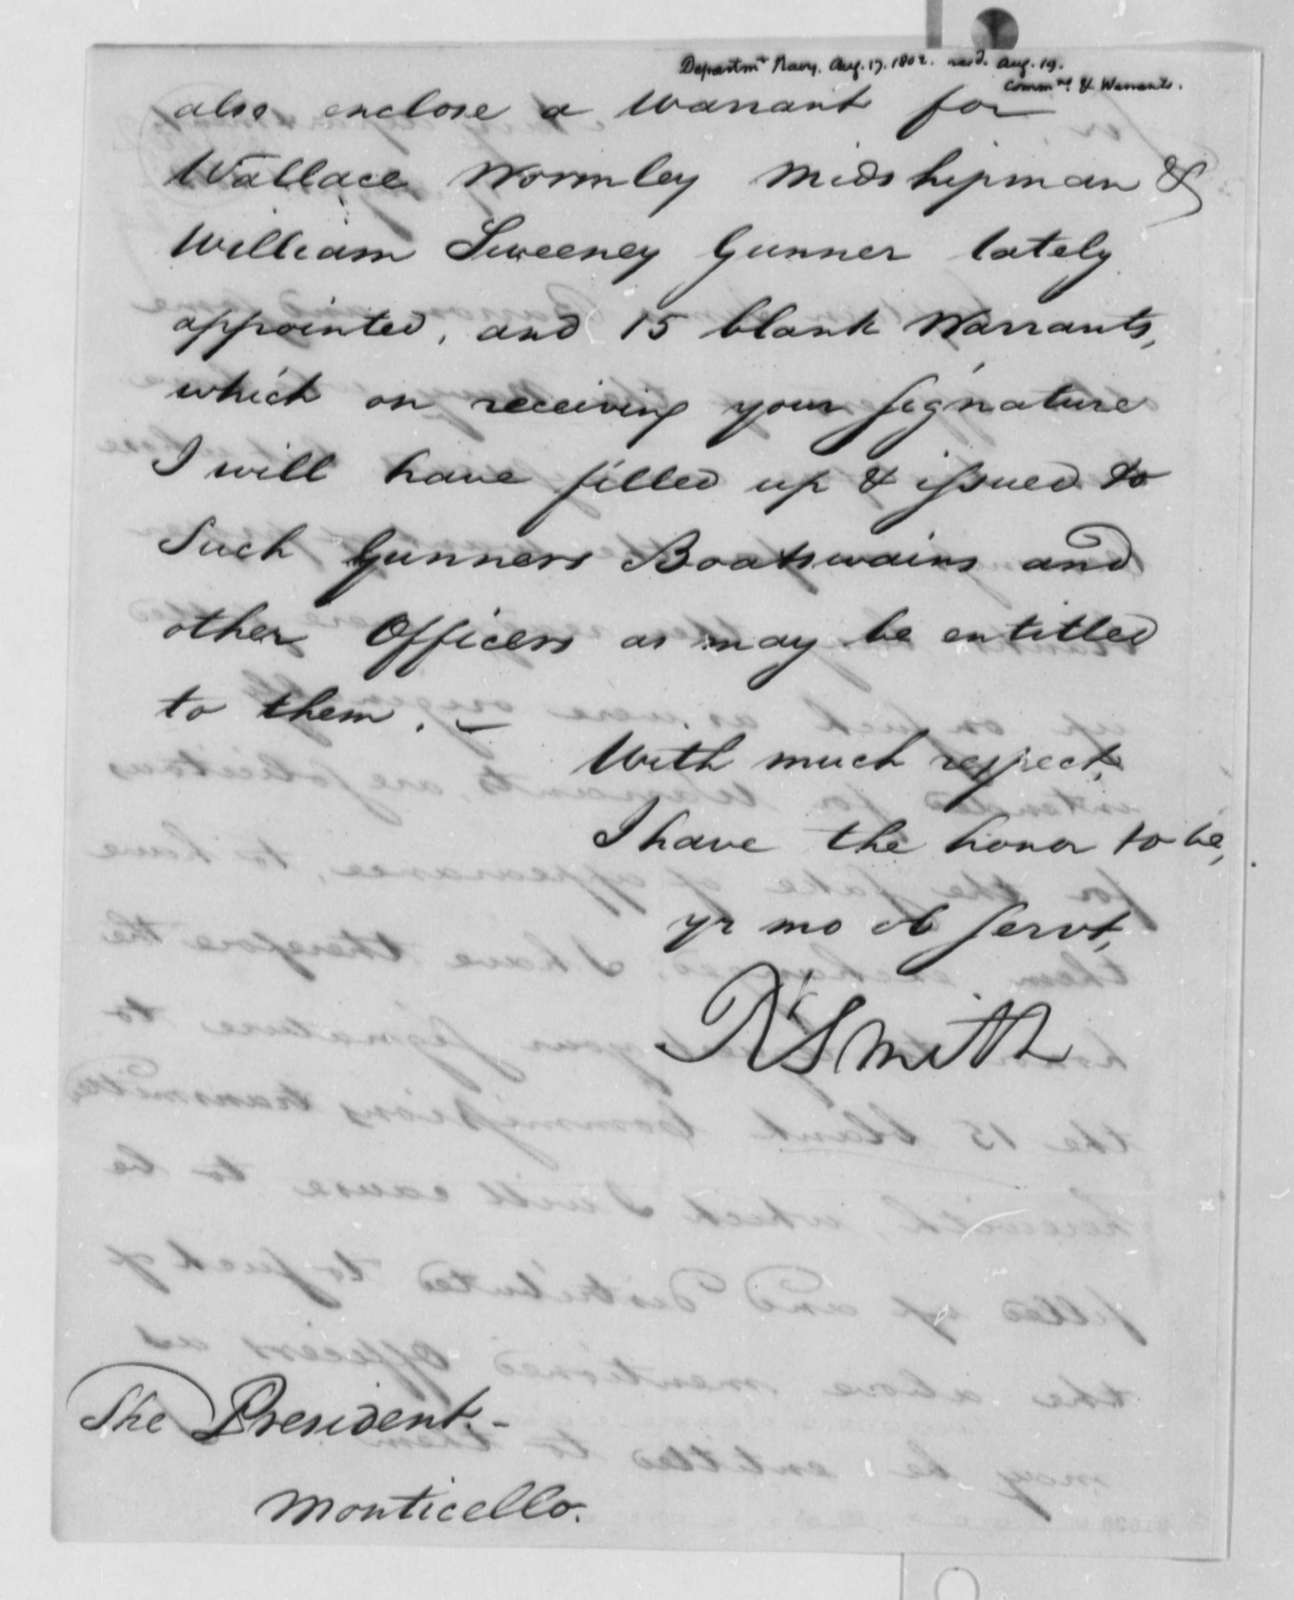 Robert Smith to Thomas Jefferson, August 17, 1802